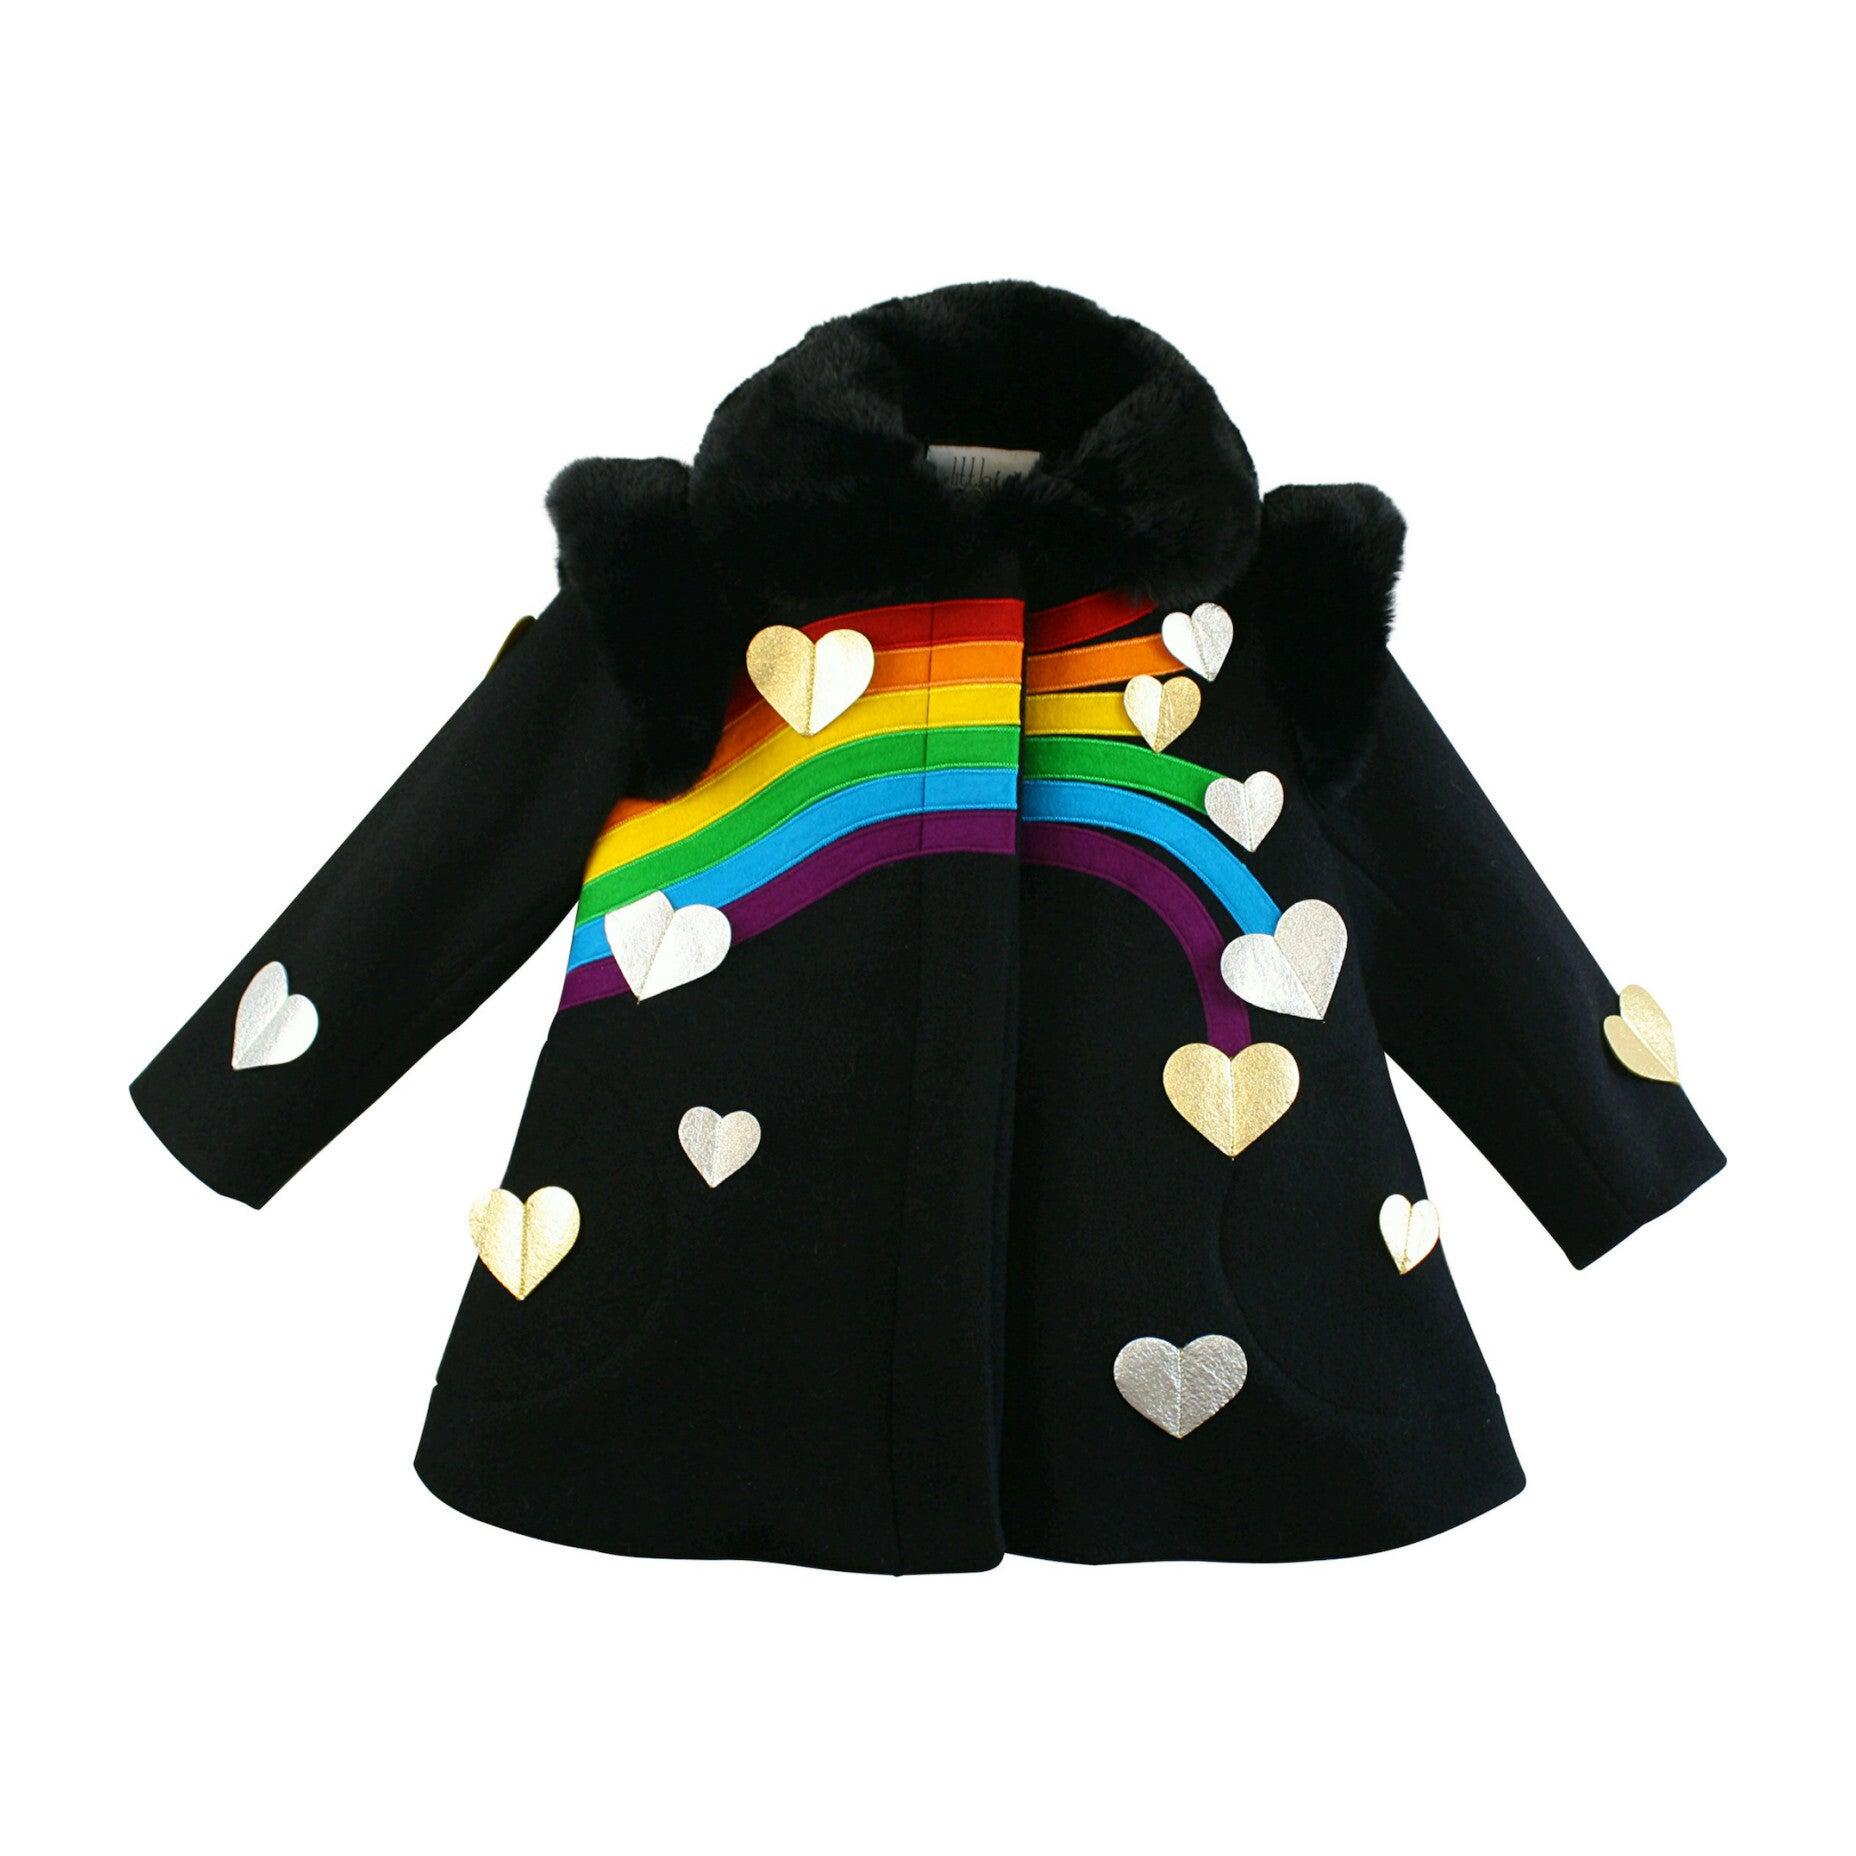 Queen of Hearts Coat, Black